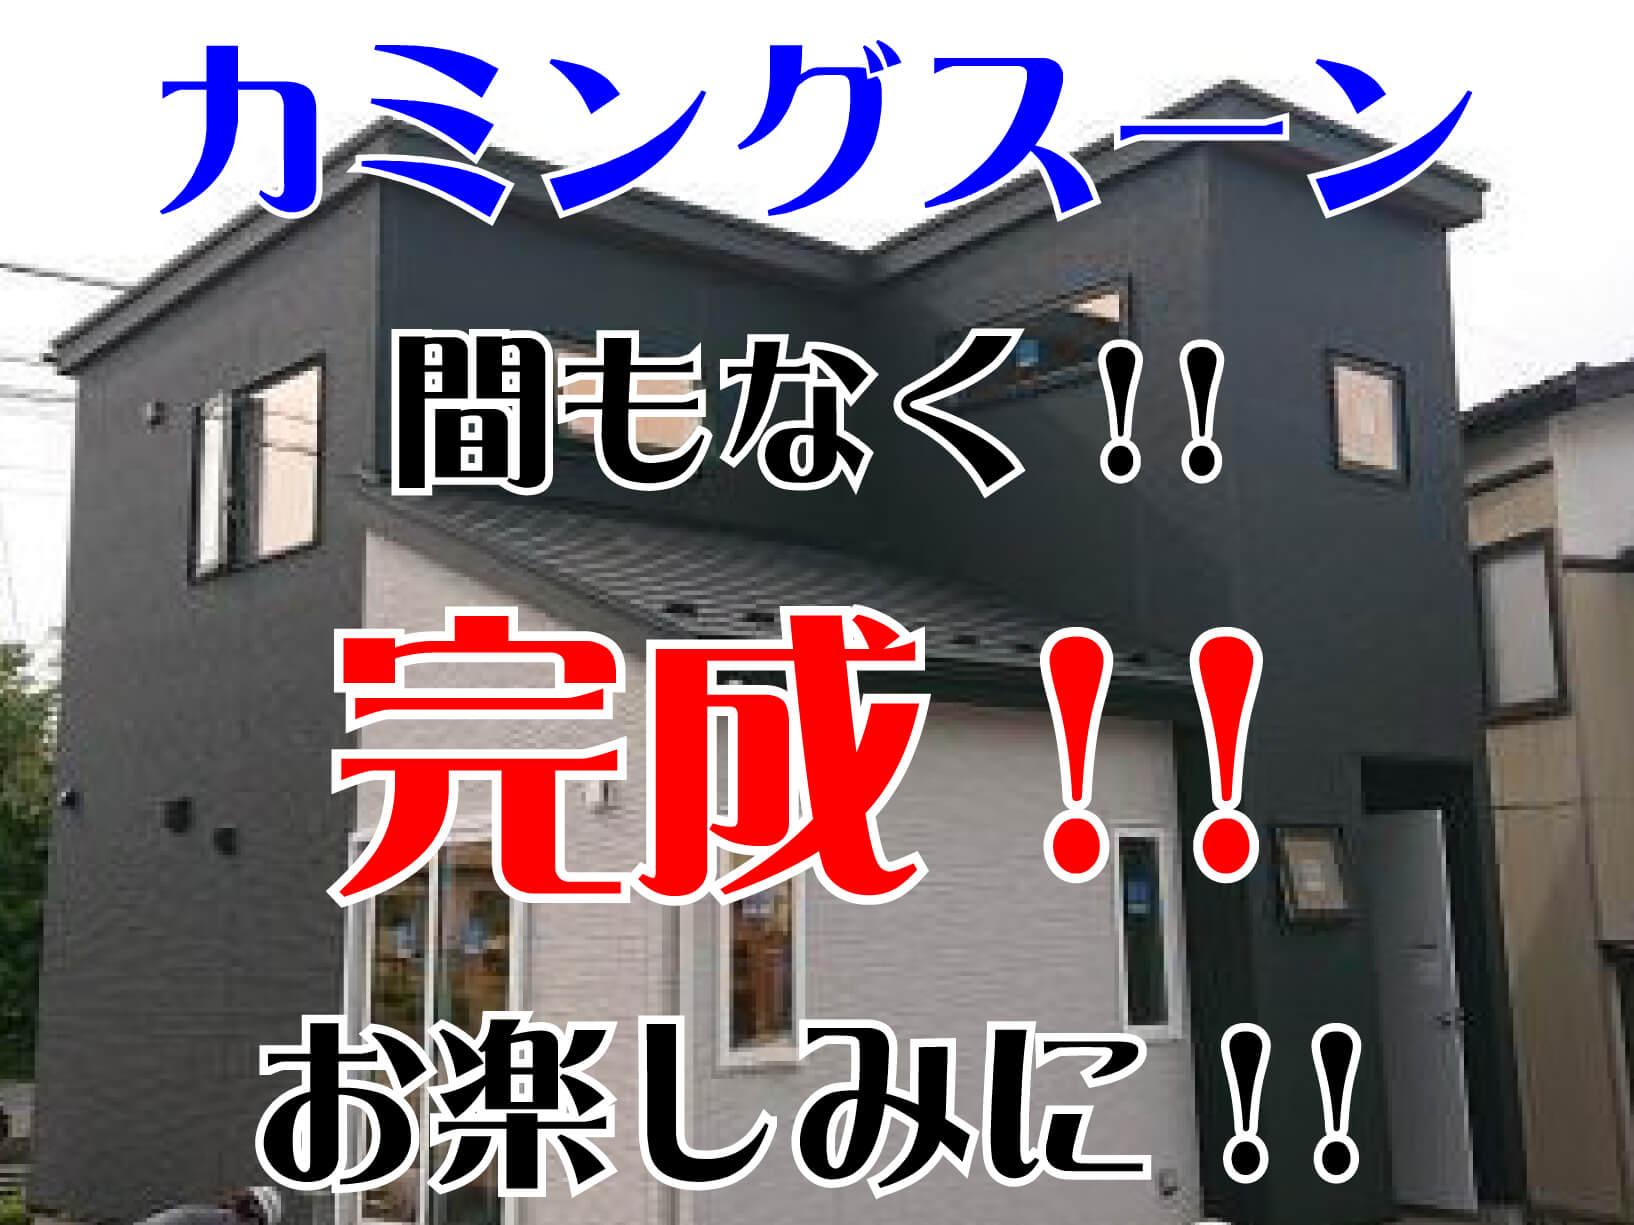 新屋比内町 カミングスーン!!